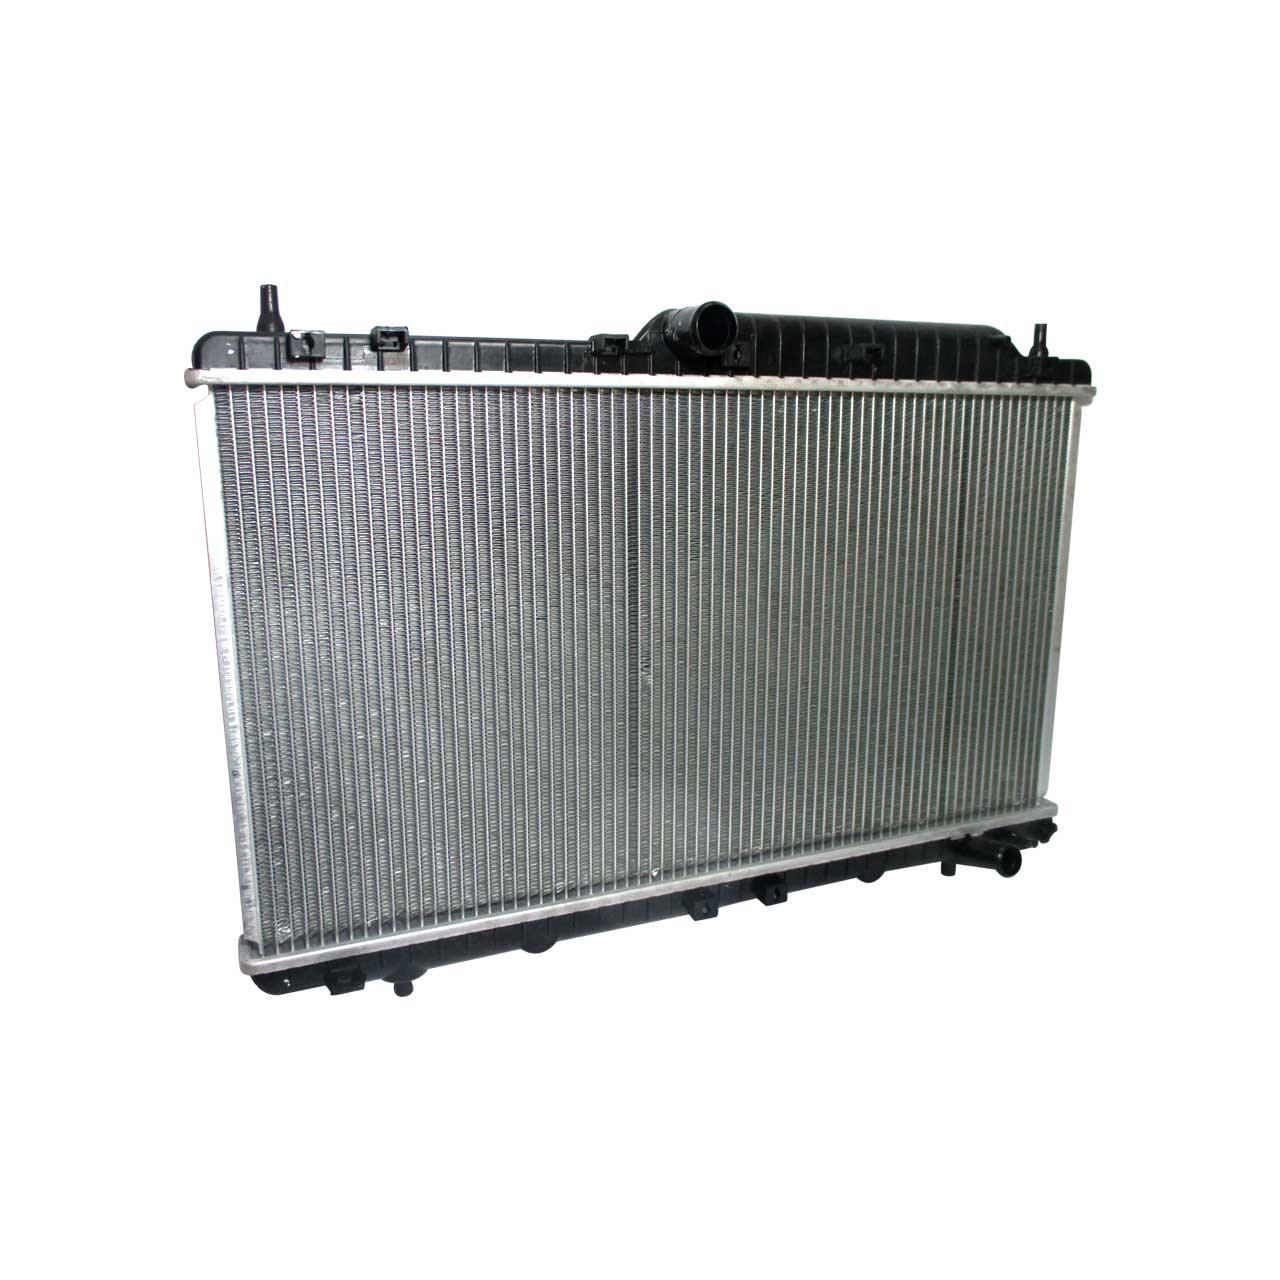 رادیاتور آب ام وی ام 530 مدل A21-1301110